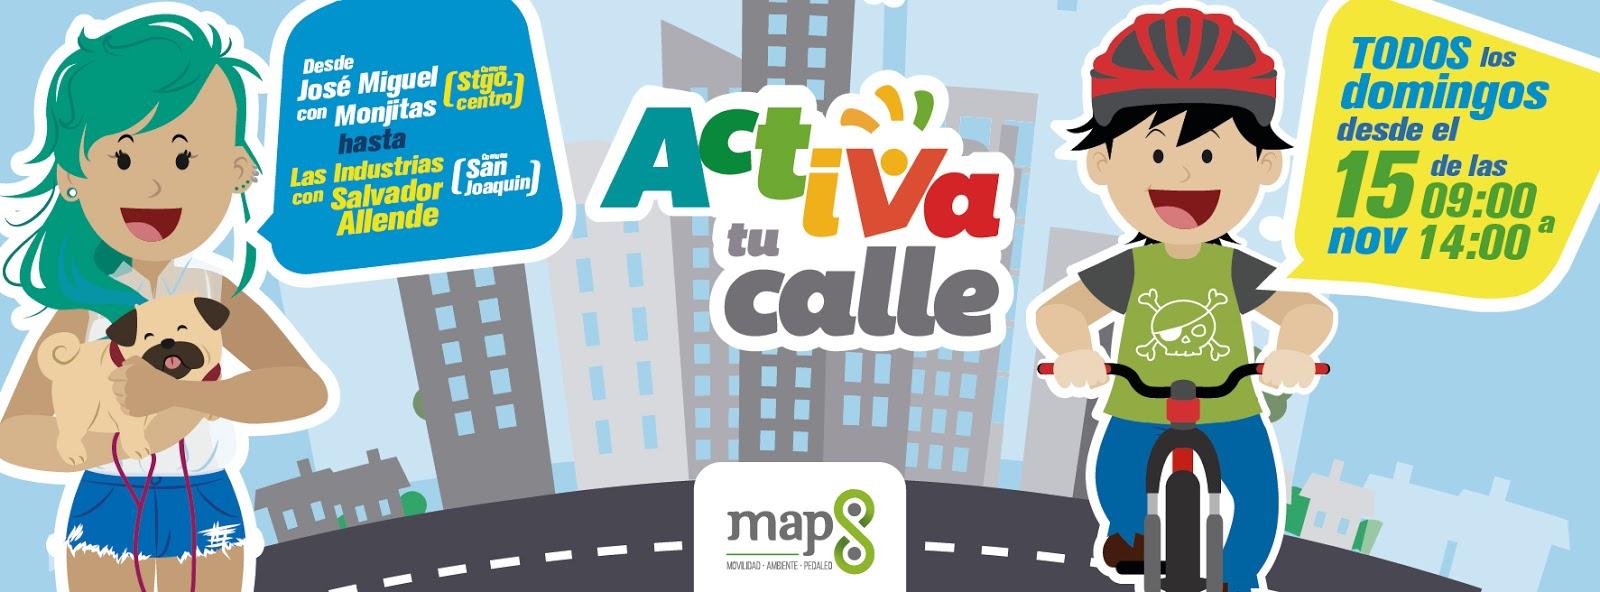 Activa tu calle es un proyecto social creado por la ong map8 con el fin de integrar a toda la comunidad este espacio imbolucra a las comunas de san